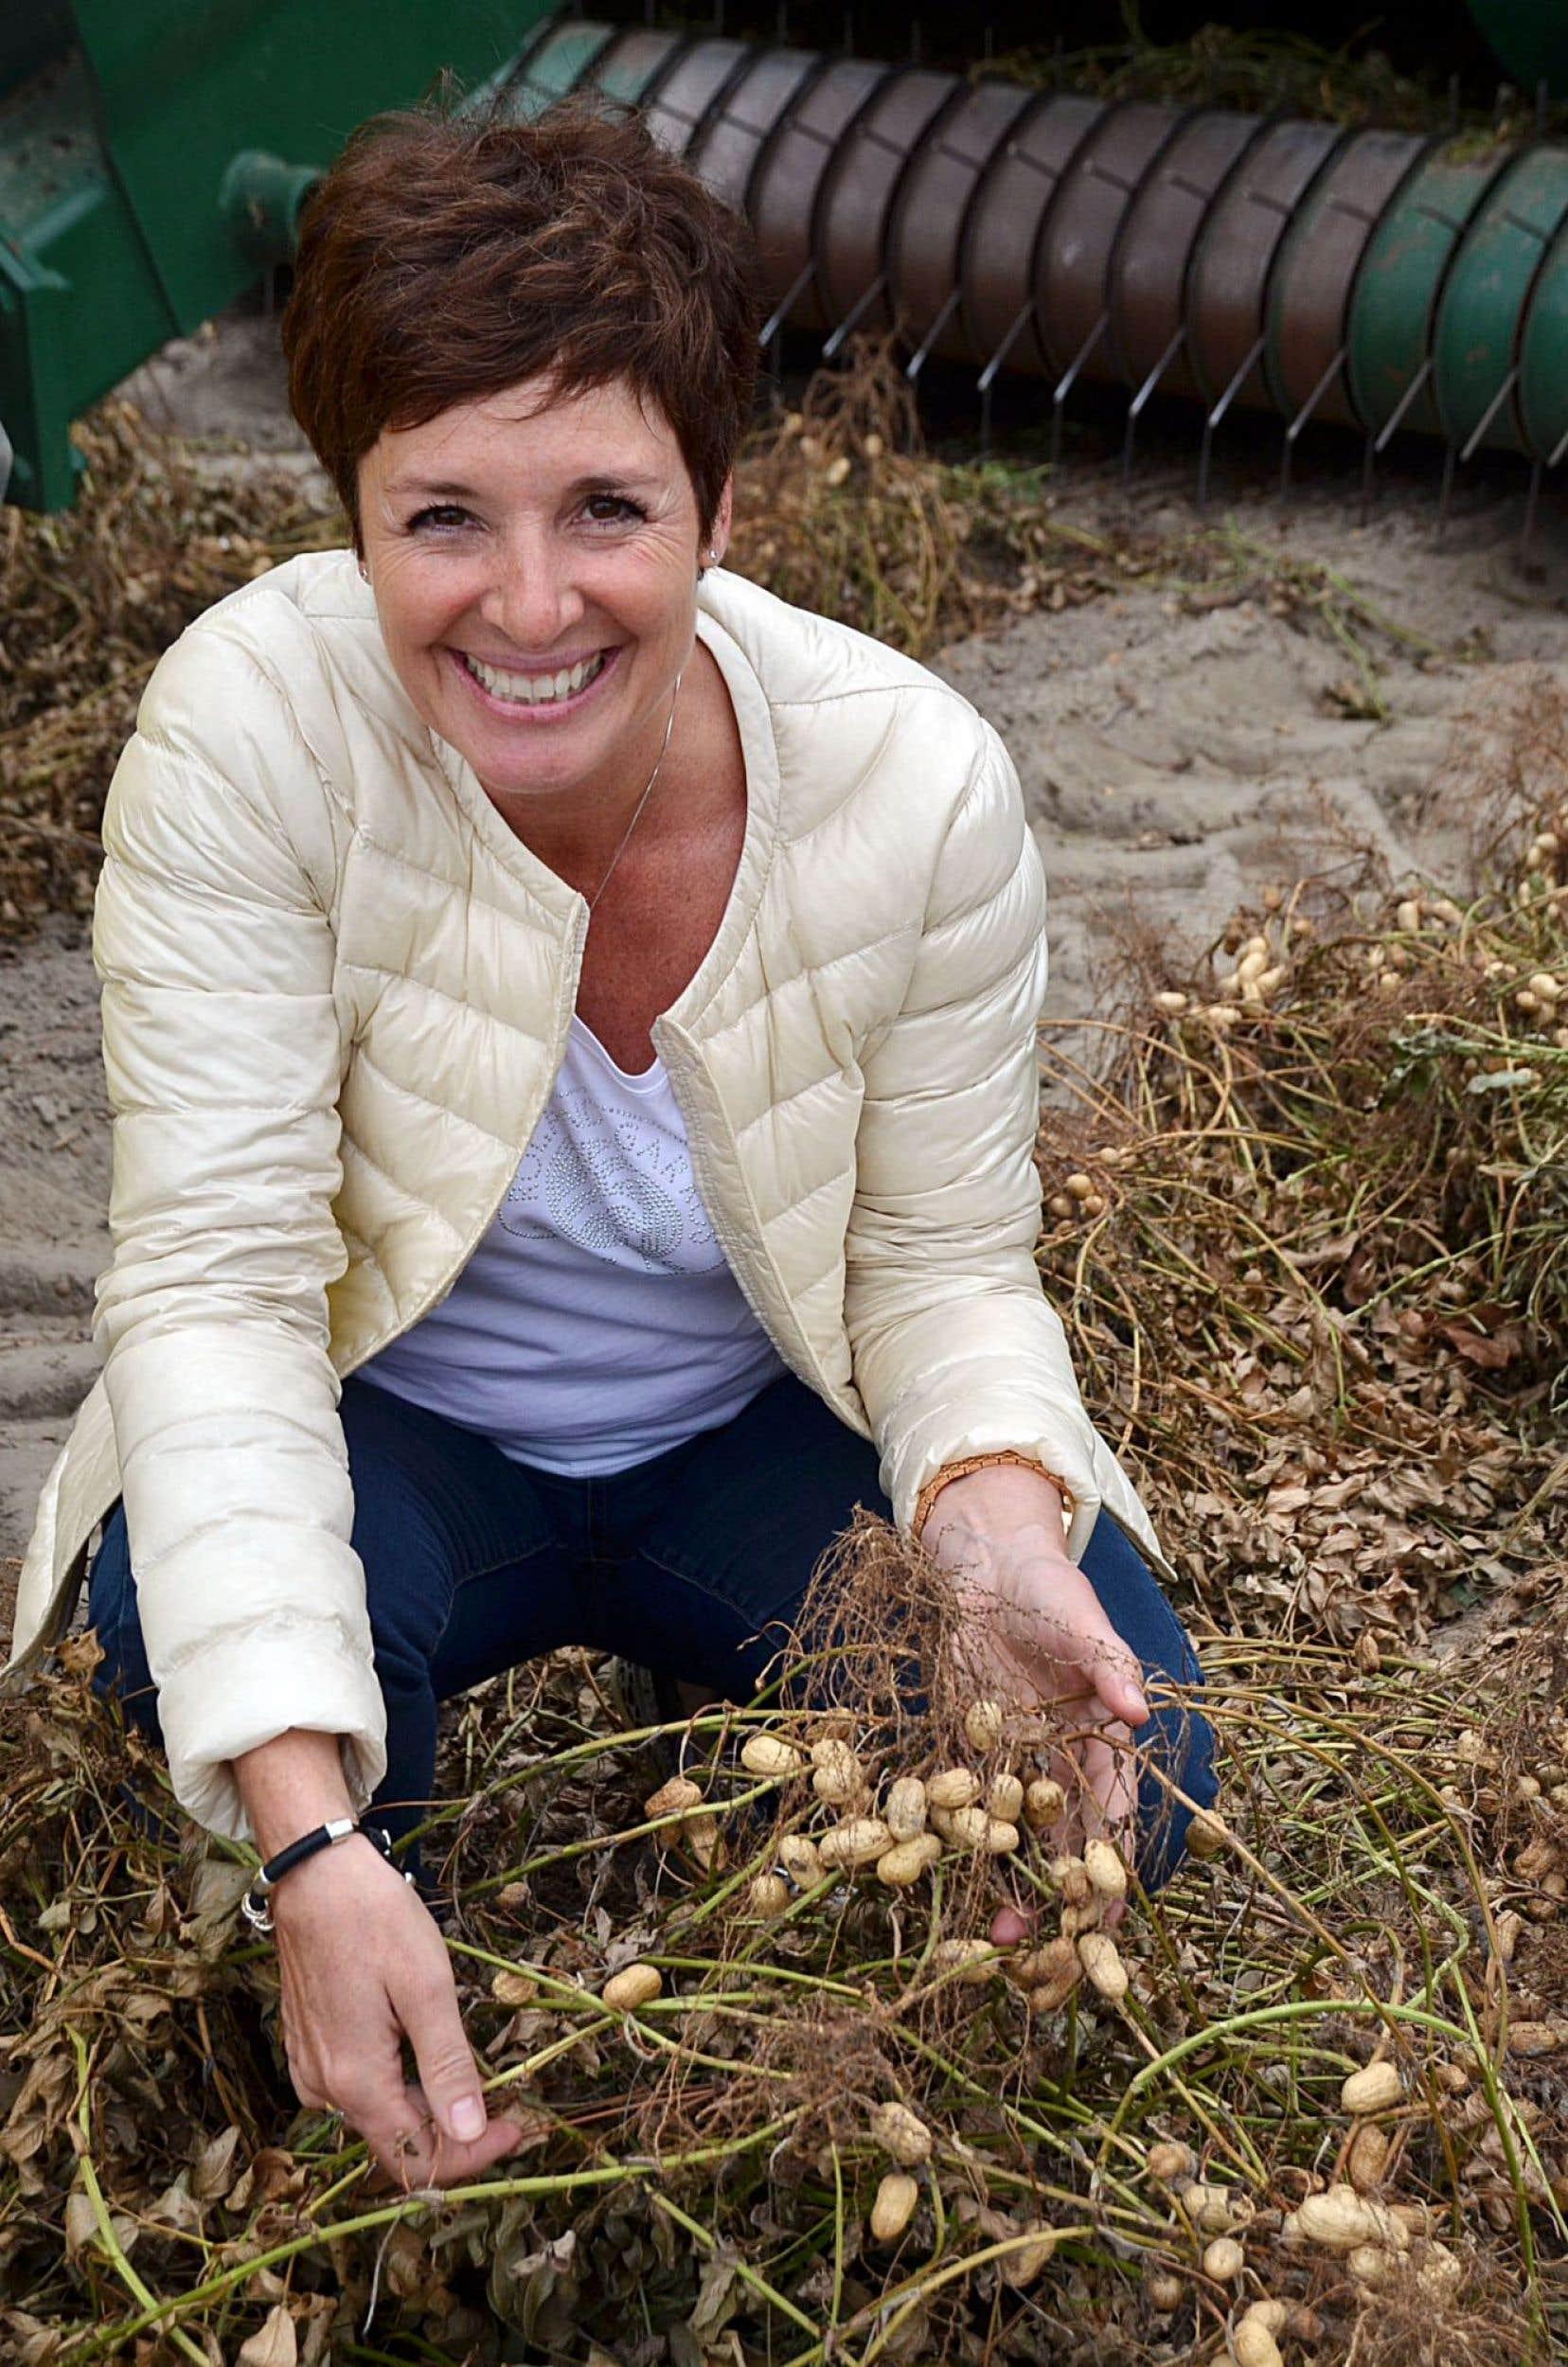 Cuisiner ce qu'elle adore et transmettre ses connaissances à ses enfants est ce qui compte le plus pour HélèneLaurendeau.